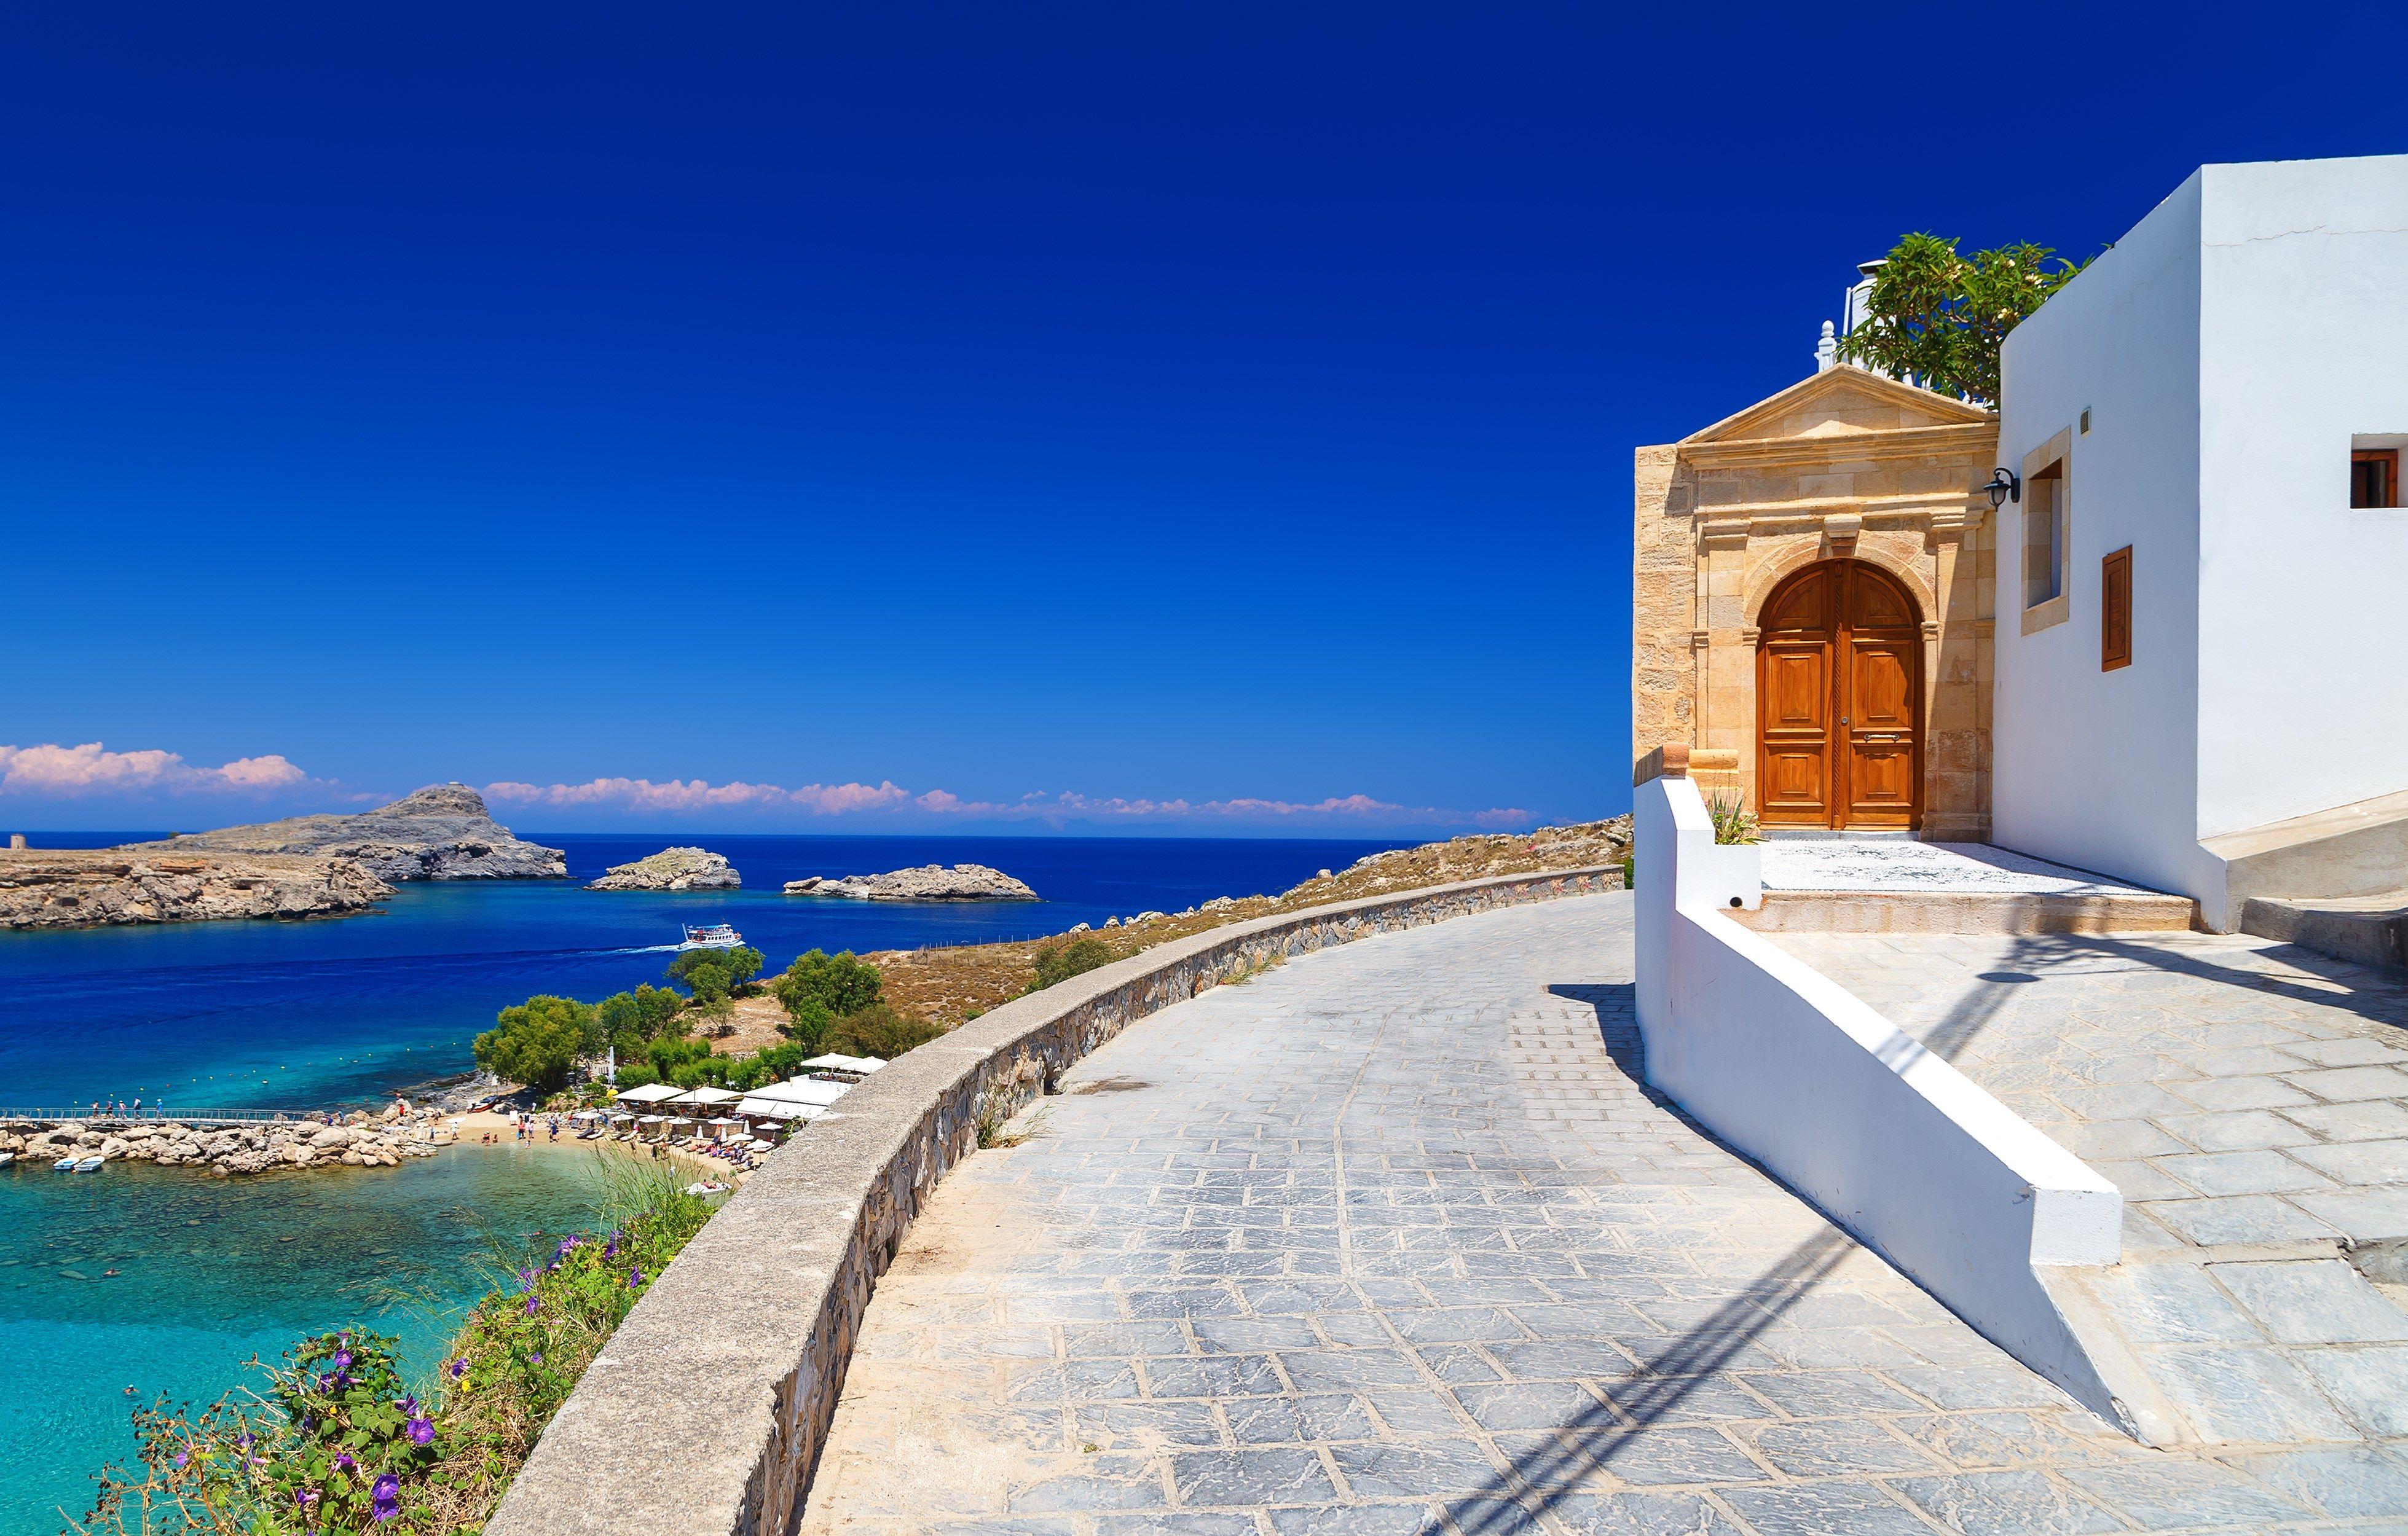 Kos Adası: Hipokrat Havaalanı misafirler için bekliyor 58